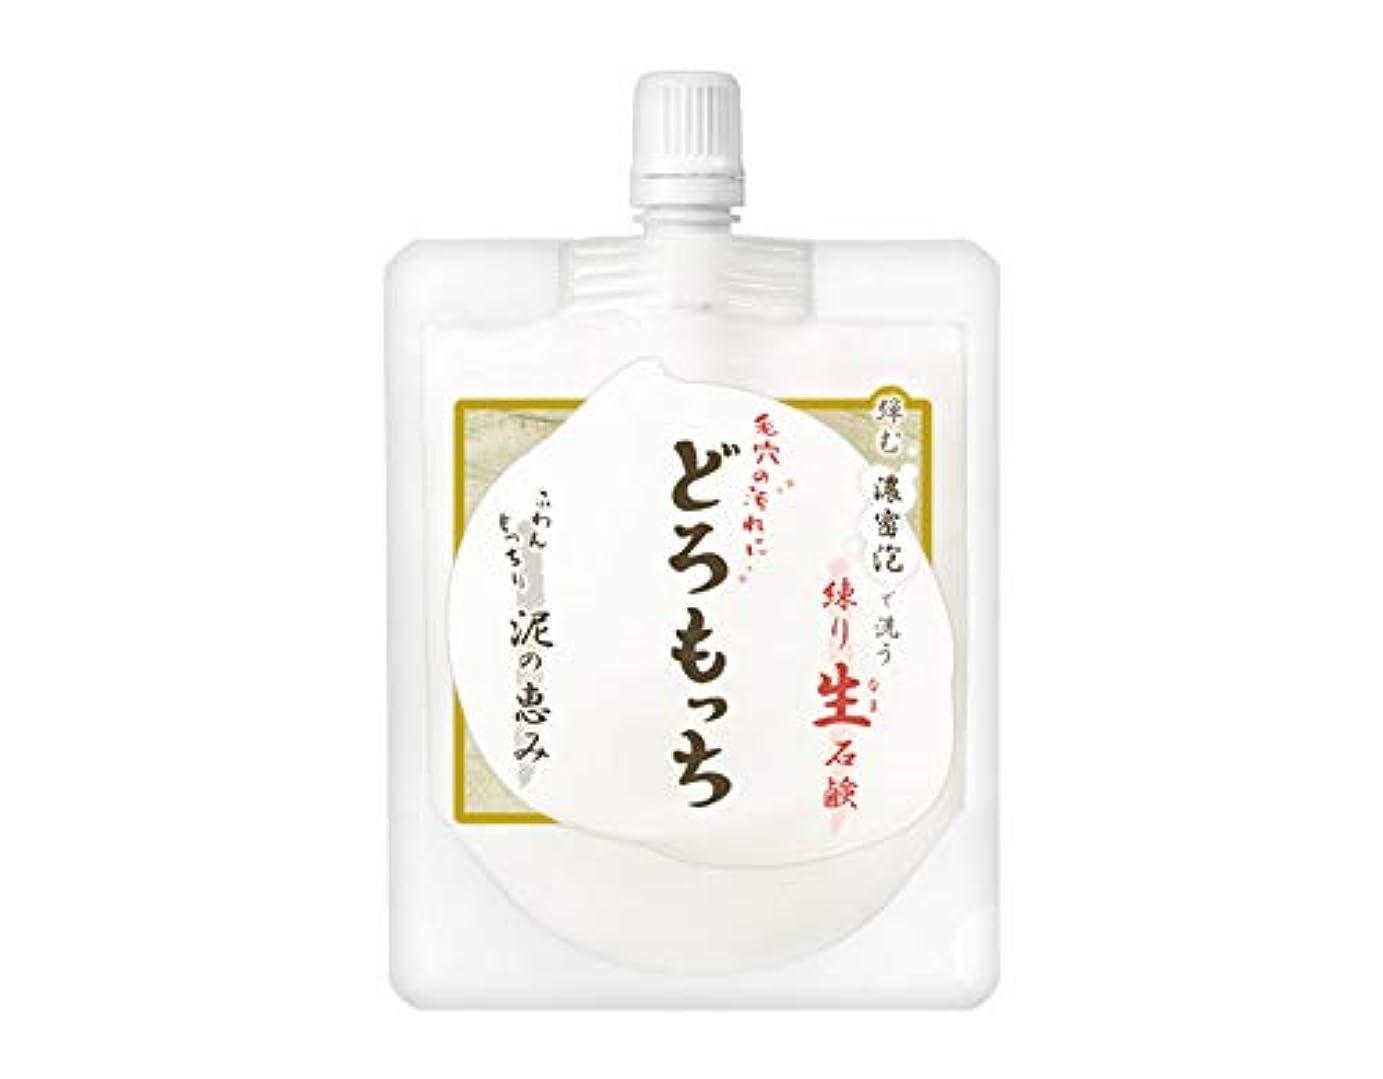 試みパラシュート取り除くアエナ 洗顔 練り生せっけん [もっちり吸い付く 濃厚泡] 泥石けん 保湿 毛穴汚れ どろもっち 150g